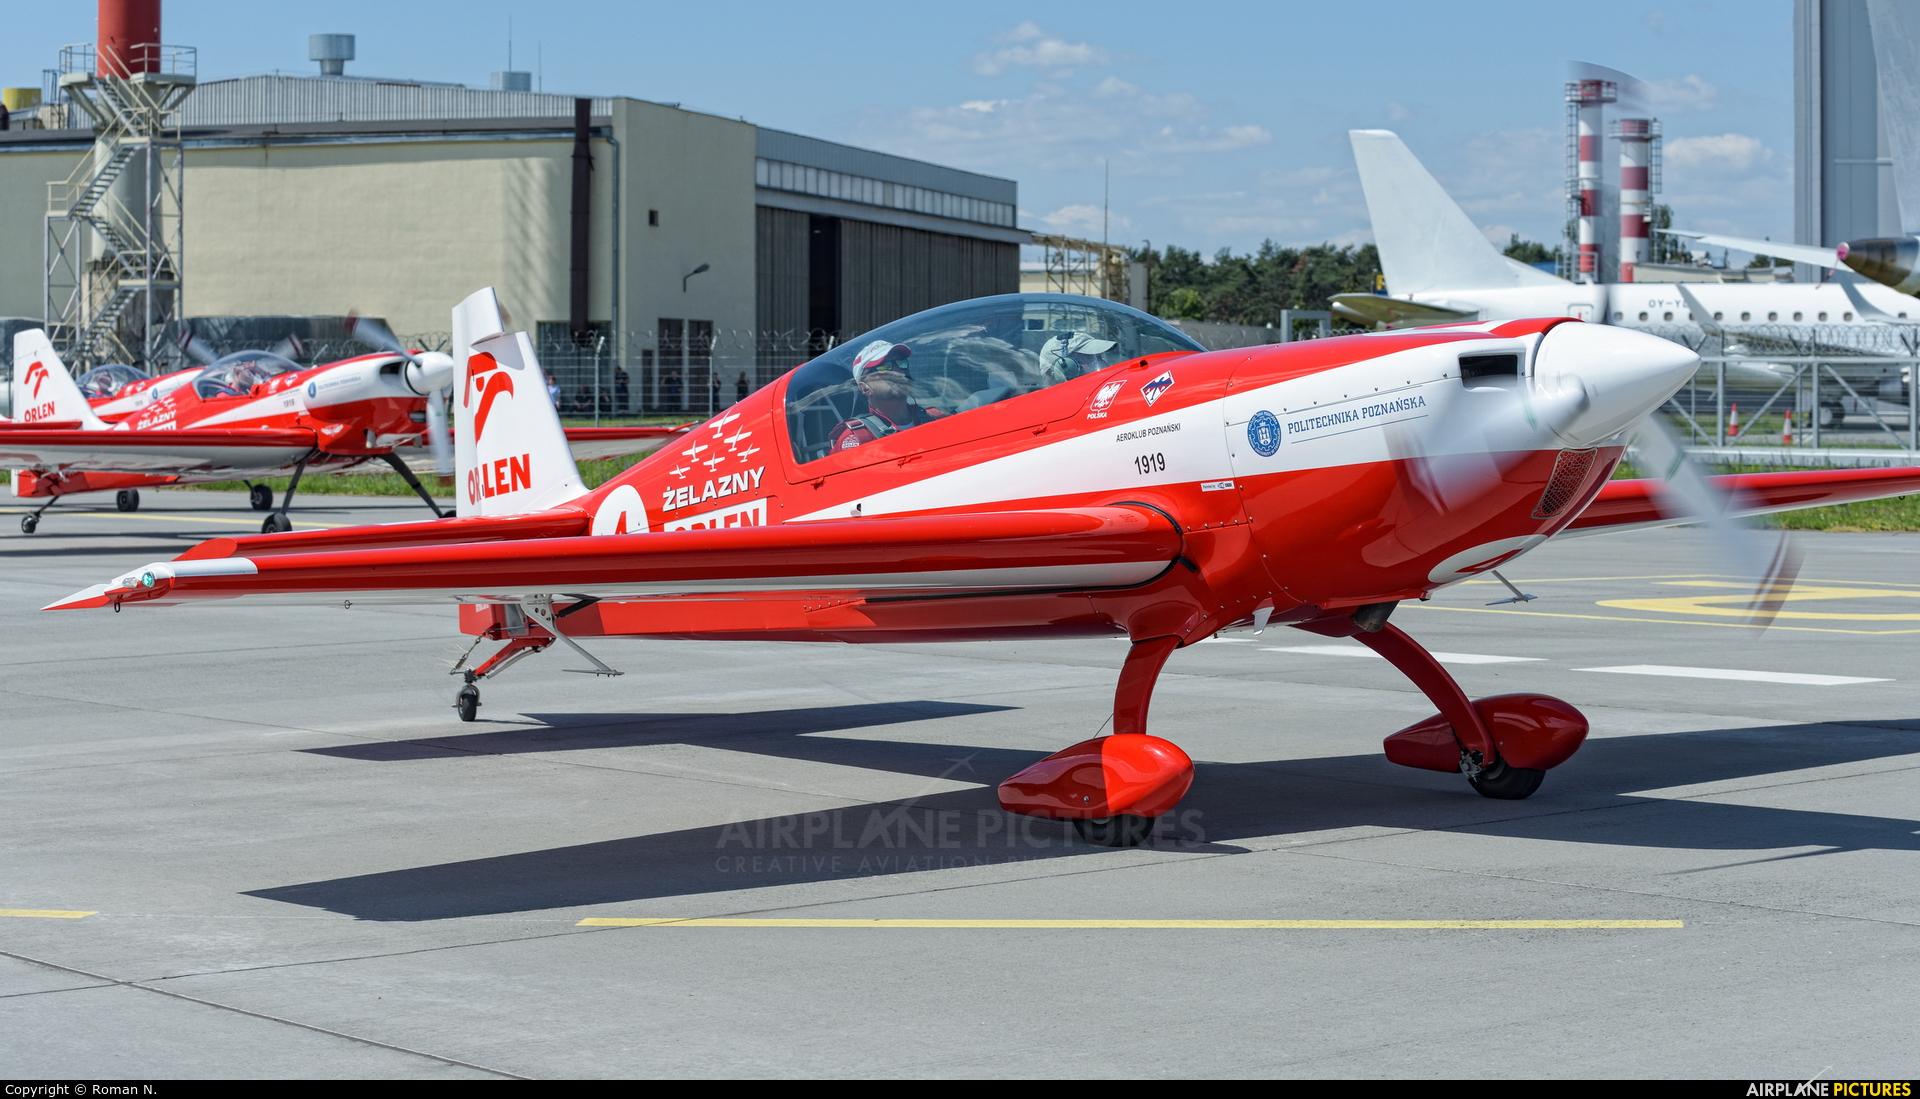 Grupa Akrobacyjna Żelazny - Acrobatic Group SP-UTA aircraft at Bydgoszcz - Szwederowo